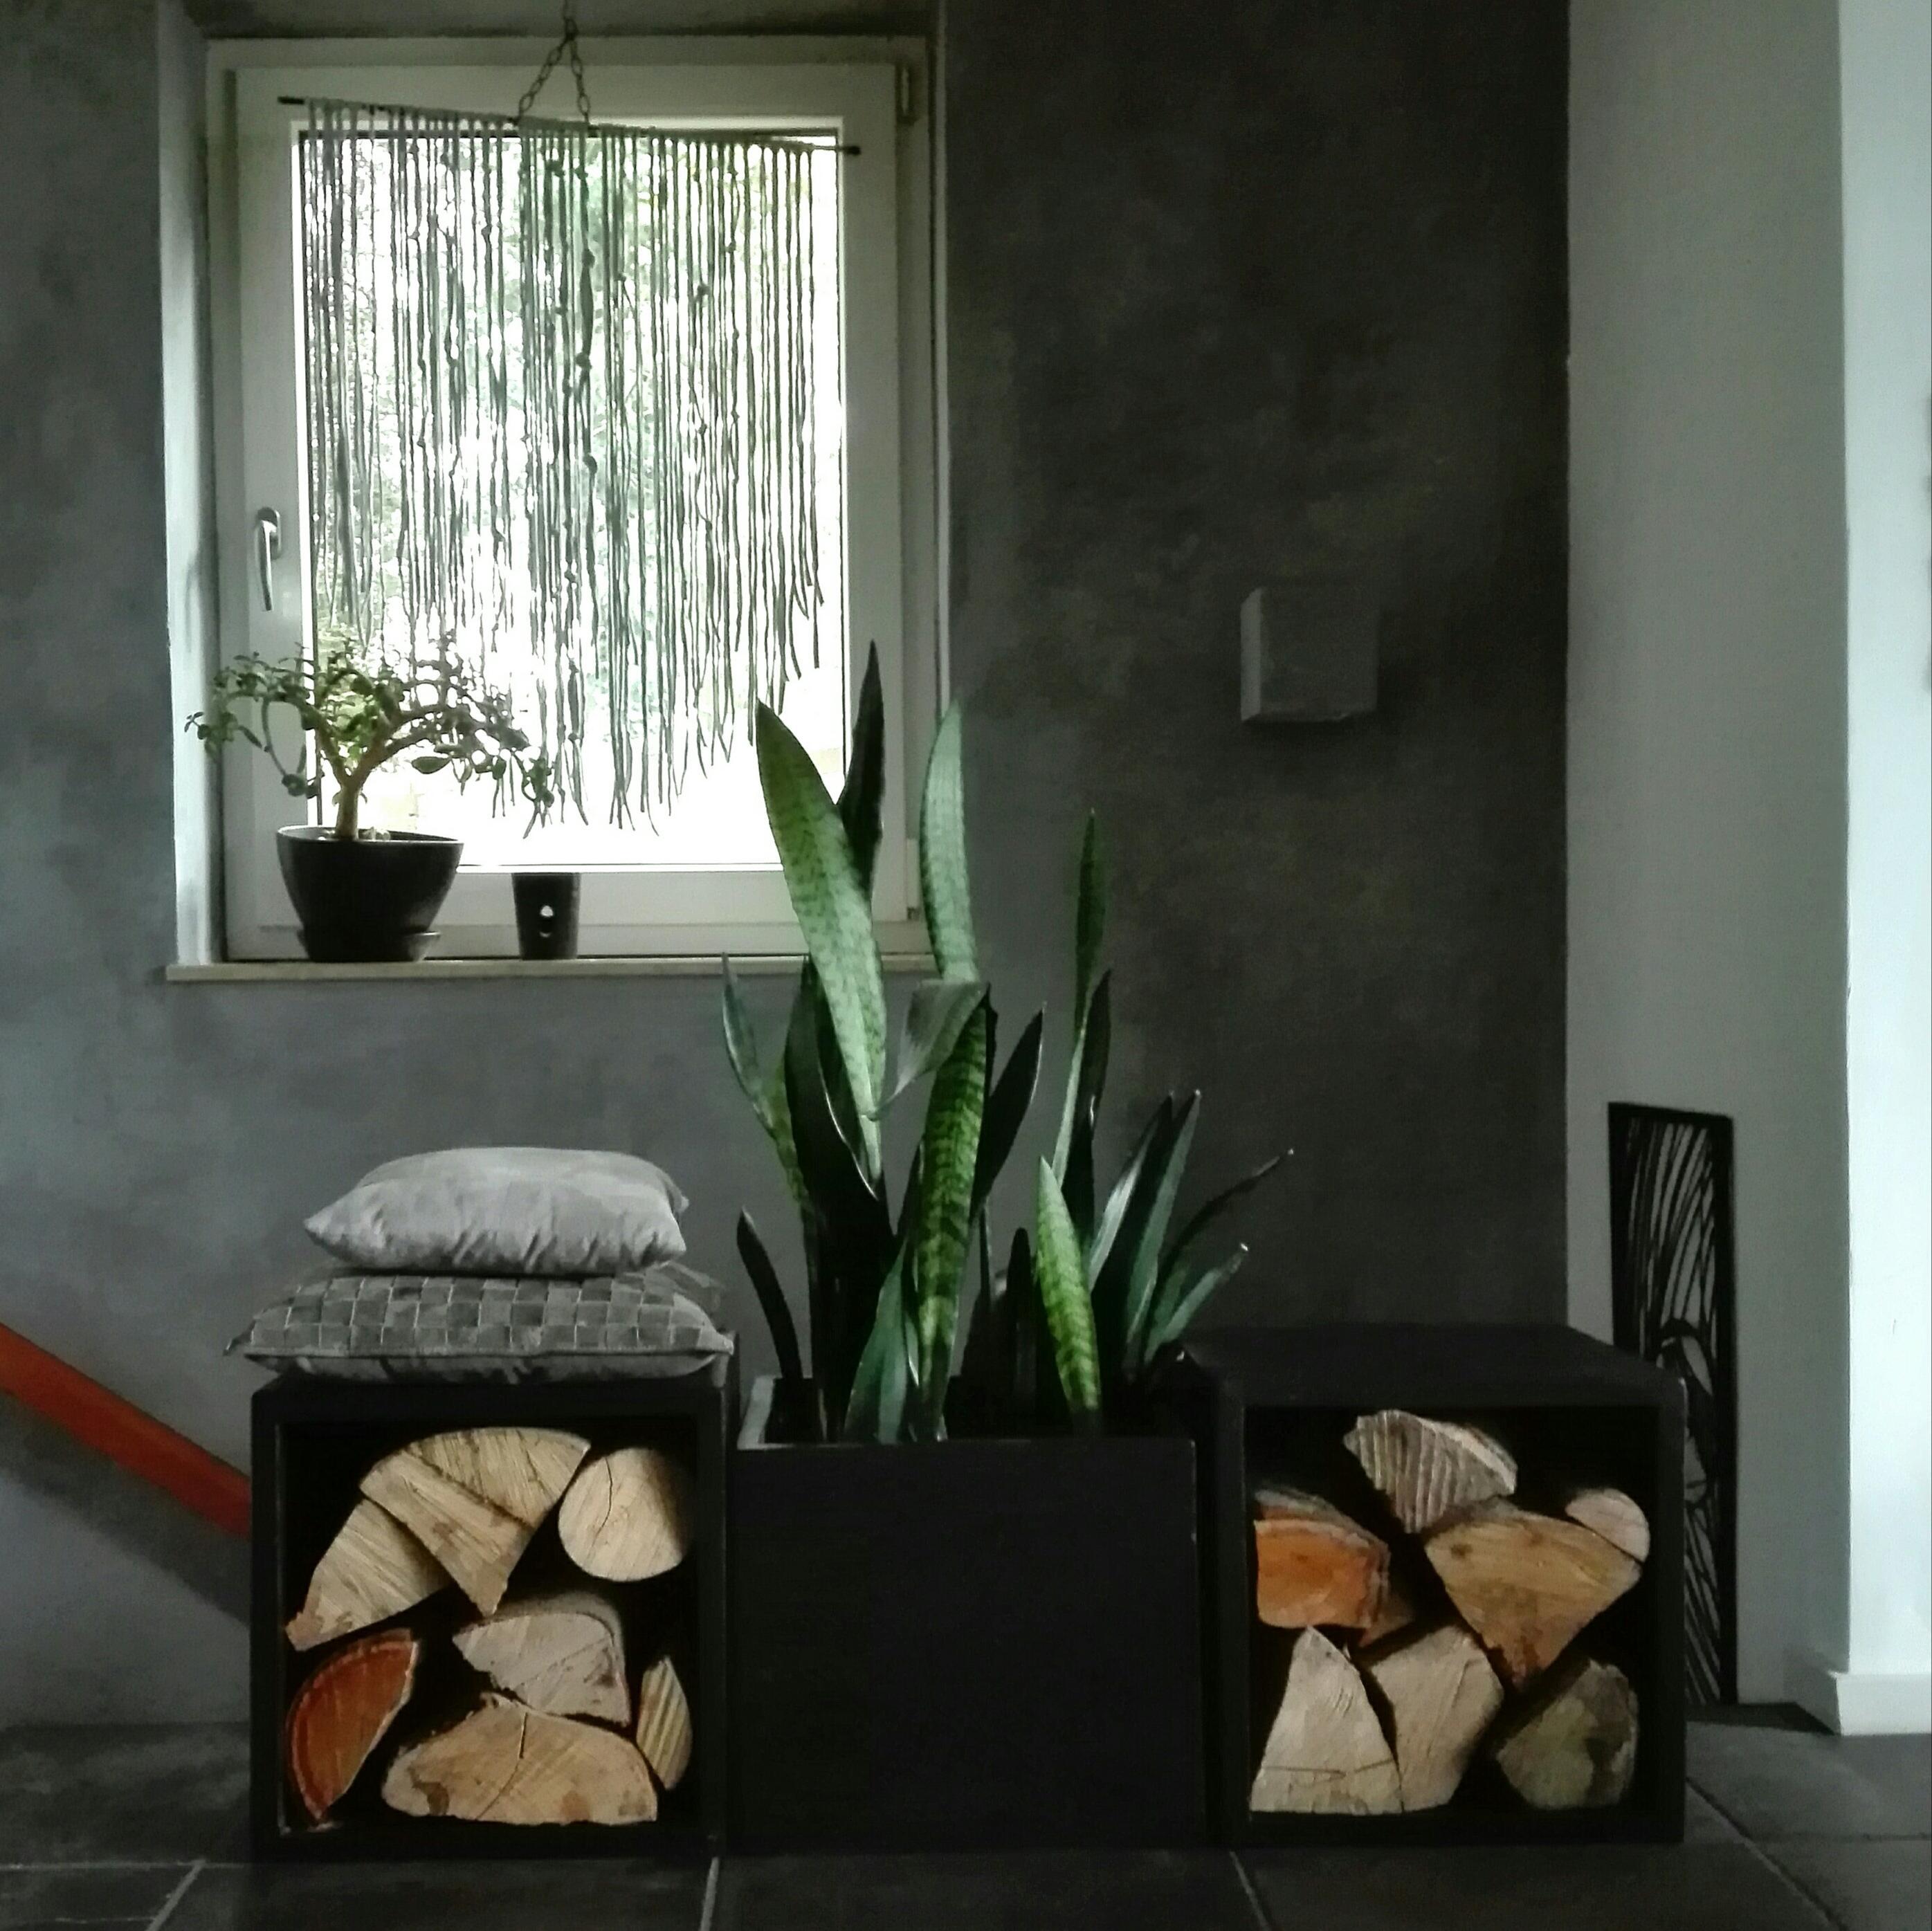 Herbst Minimalistisch Wohnzimmer Kalkputz Diy